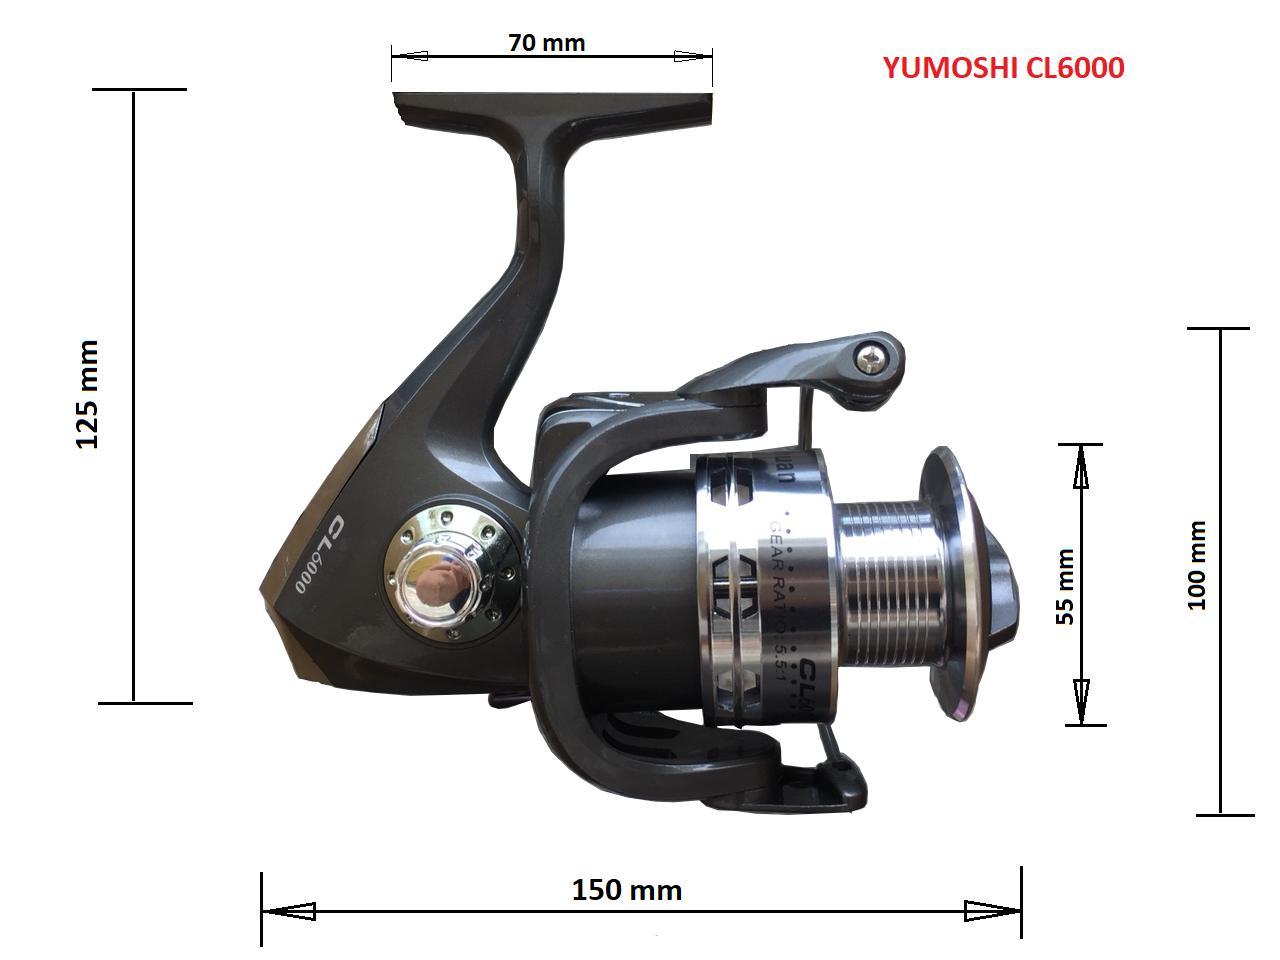 Hình ảnh Máy câu cá YUMOSHI CL6000 - 12 BEARINGS